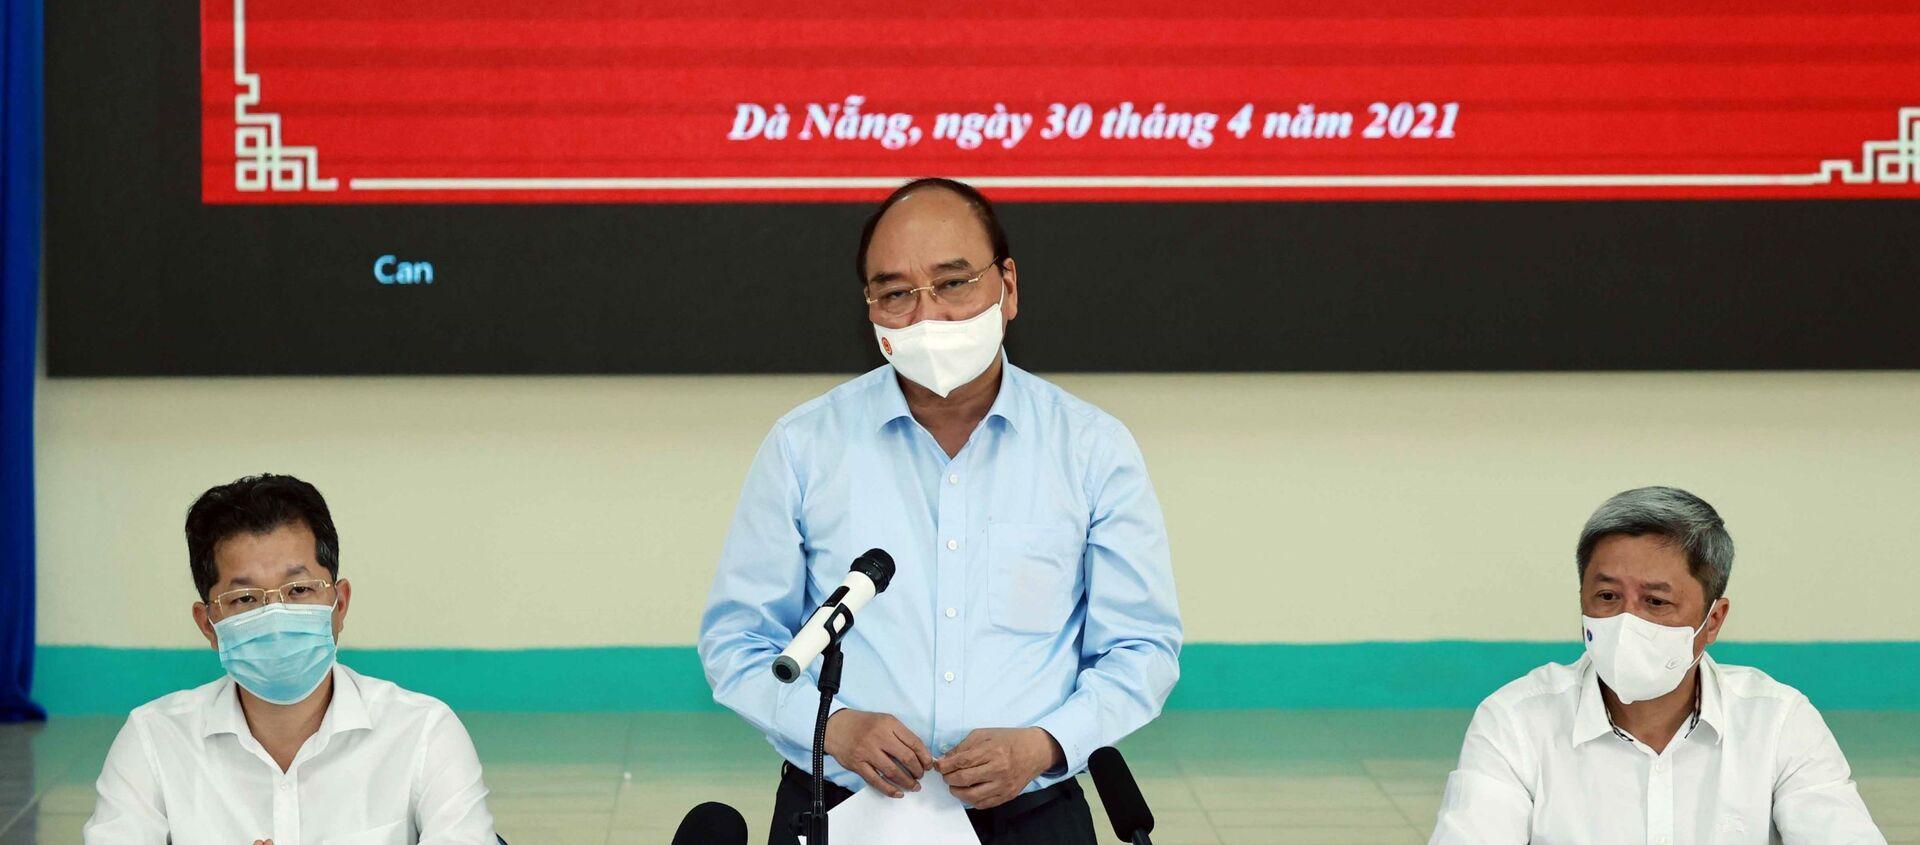 Chủ tịch nước Nguyễn Xuân Phúc phát biểu tại buổi làm việc tại Bệnh viện phổi Đà Nẵng. - Sputnik Việt Nam, 1920, 30.04.2021